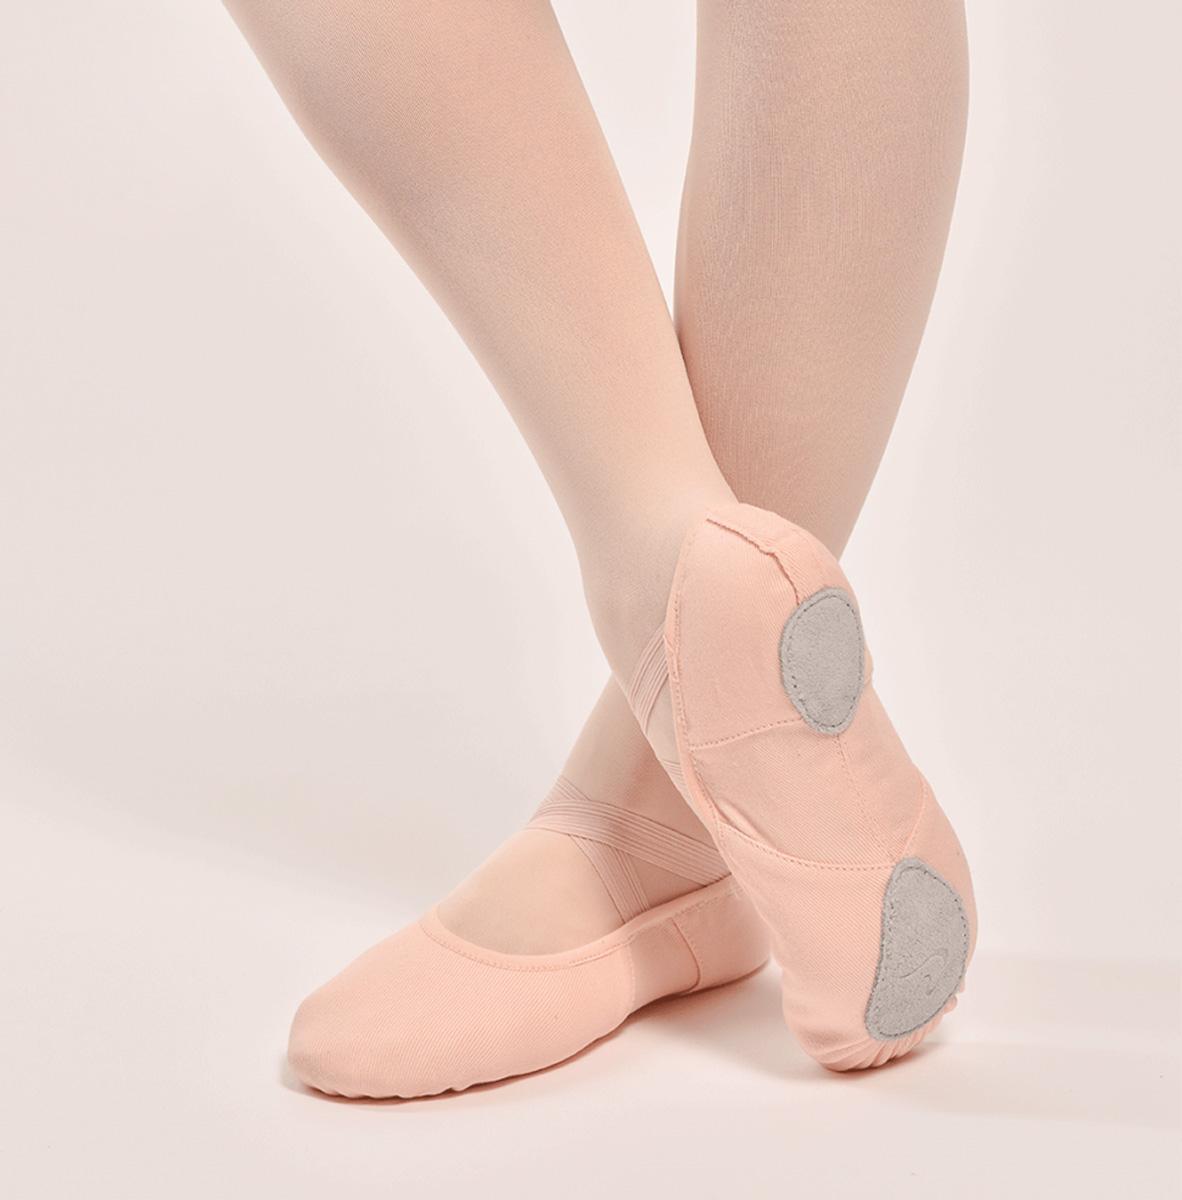 vendita professionale selezione migliore sito autorizzato Mezza punta danza classica tela elastica VANIETuttodanza